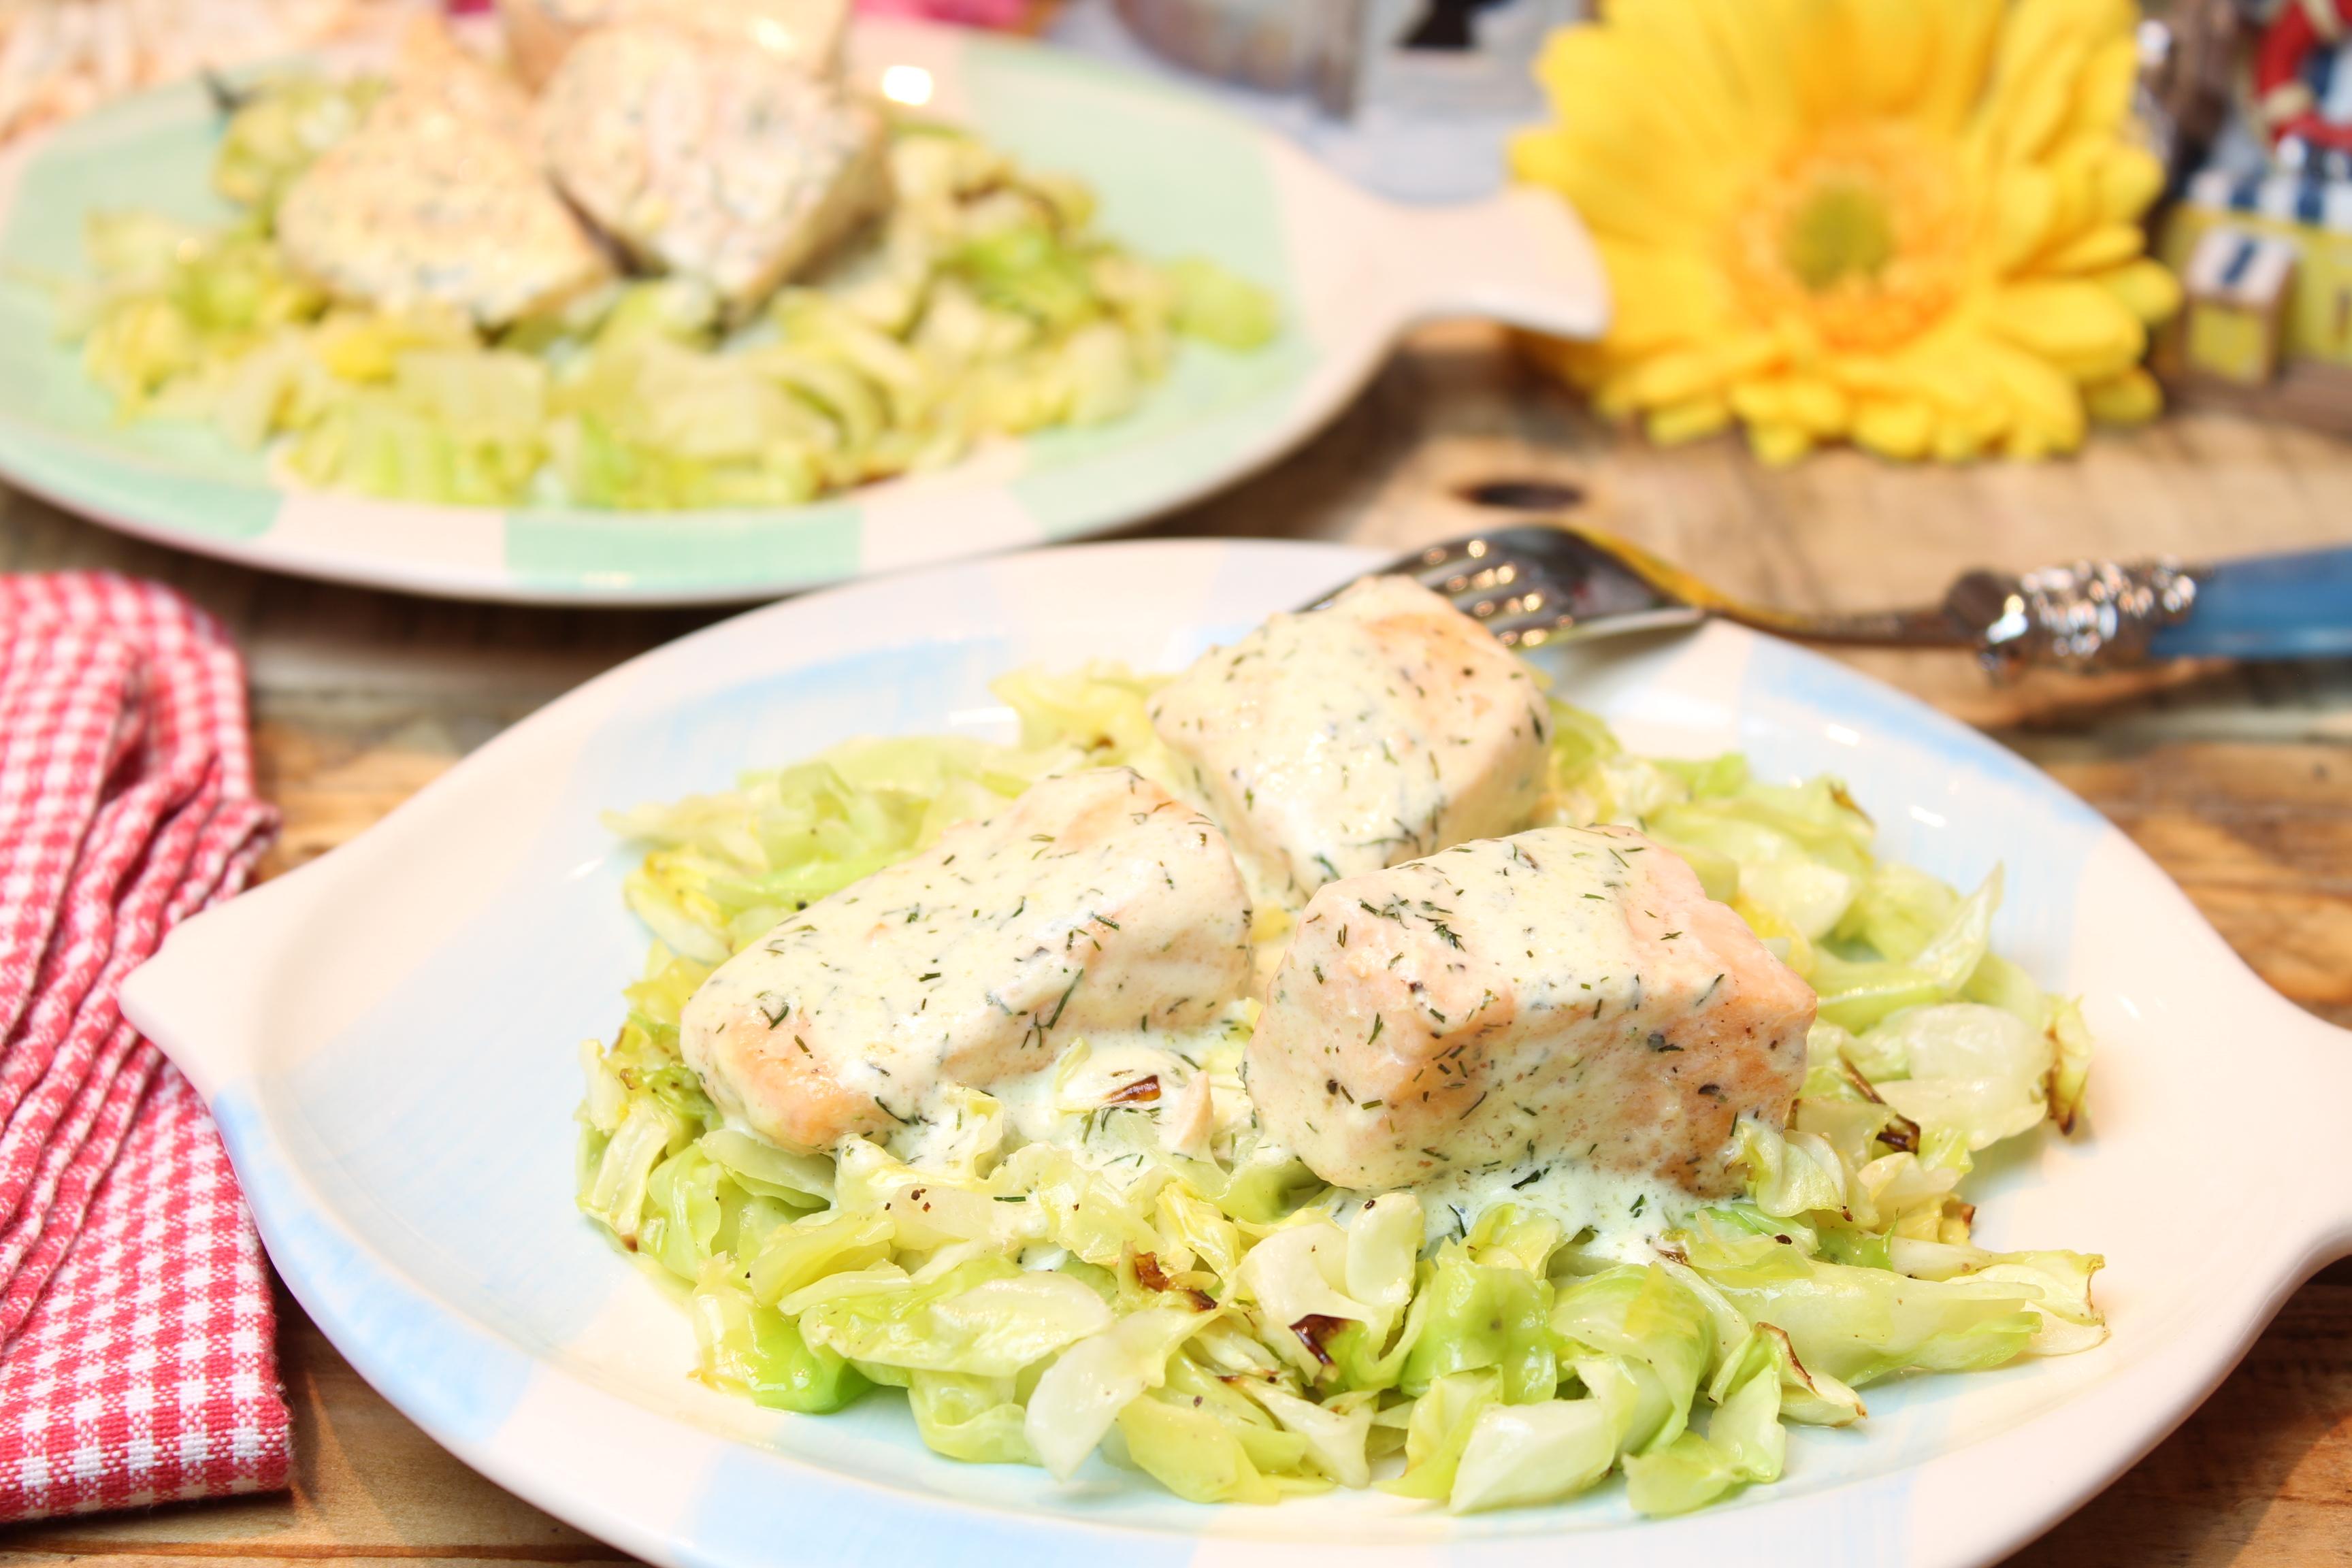 Vegetarische Küche Rezept Pacu Bräter - Fisch png herunterladen - 1065*693  - Kostenlos transparent Essen png Herunterladen.